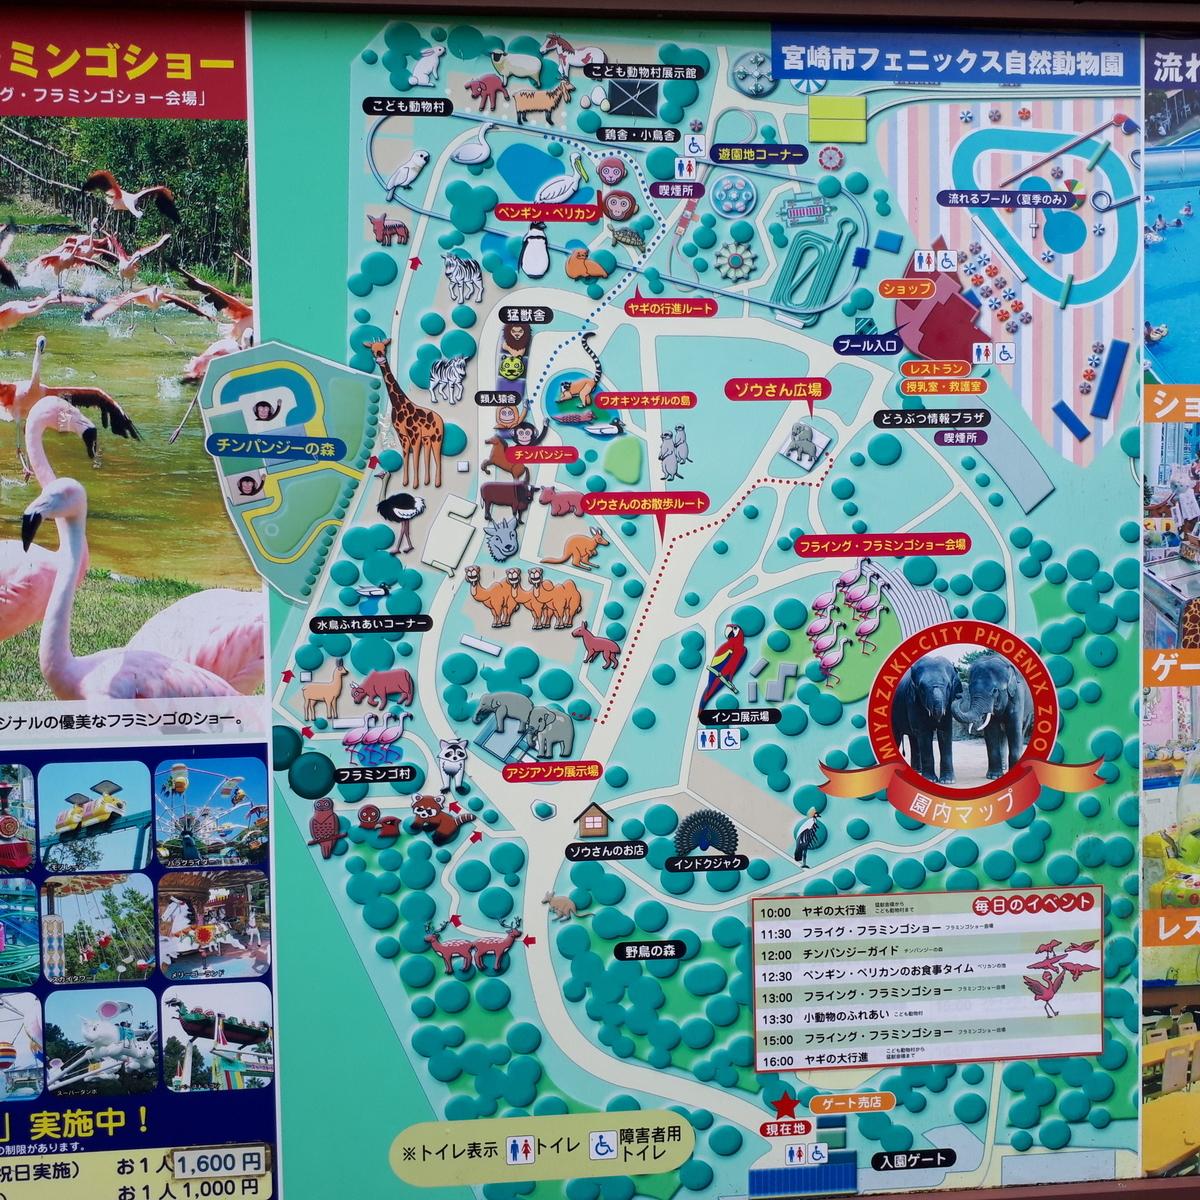 宮崎市フェニックス自然動物園 案内図